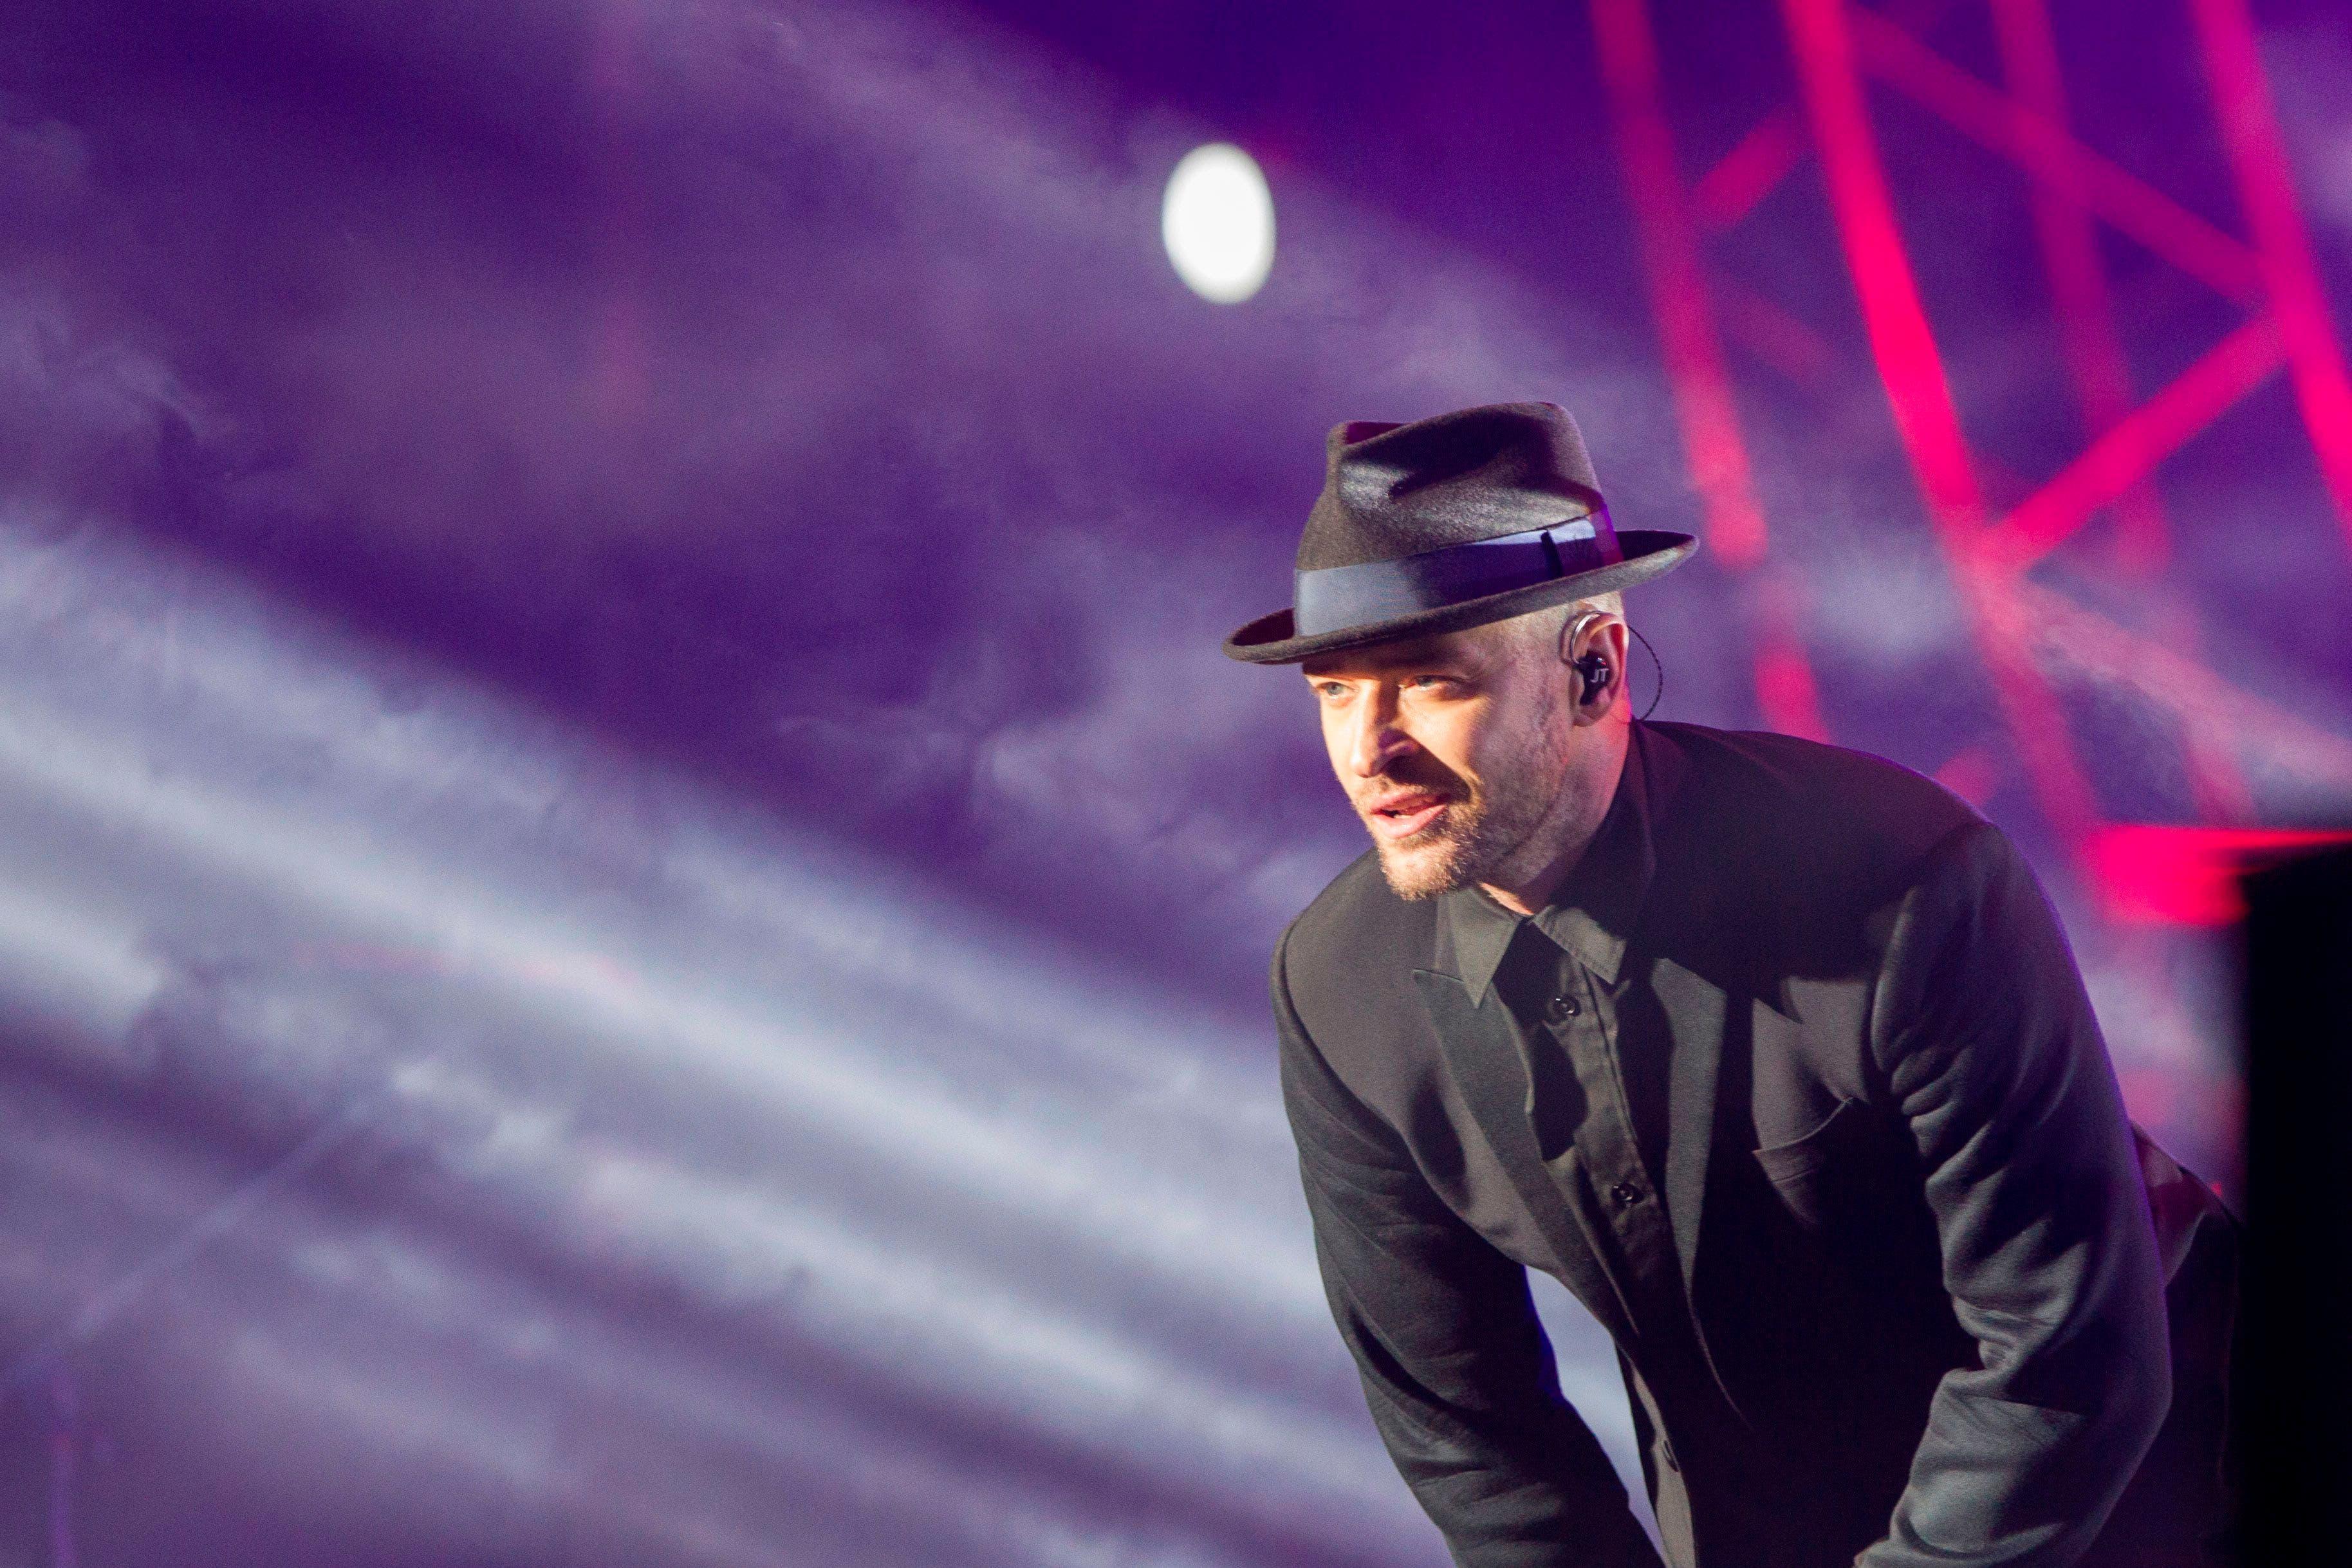 El cantante Justin Timberlake se presenta durante su participación individual en el Festival Presidente en Santo Domingo, República Dominicana, el 4 de noviembre de 2017. / AFP